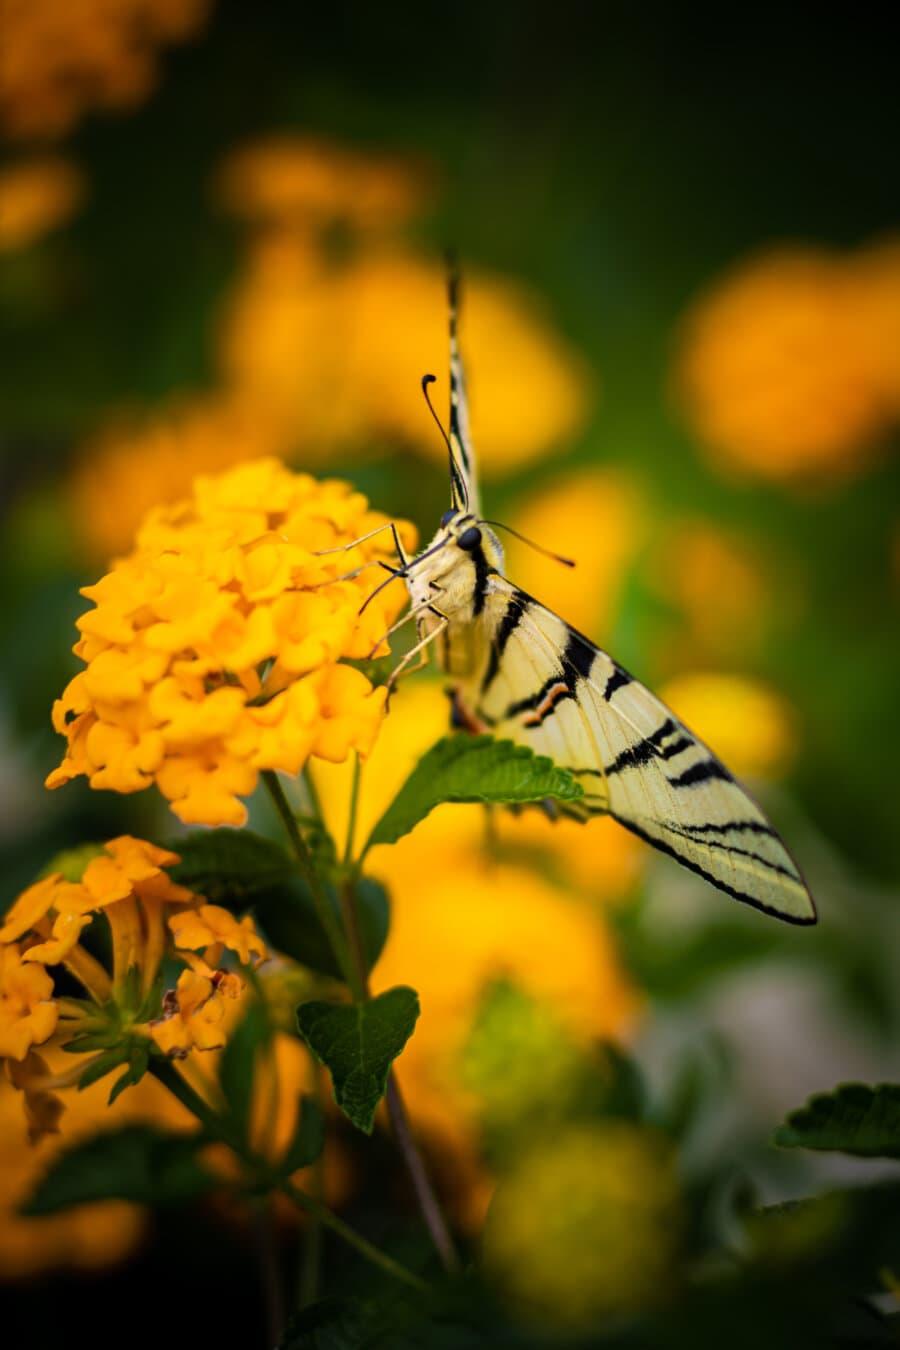 leptir, izbliza, leptir cvijet, žućkasto, žuta, priroda, kukac, cvijet, ljeto, biljka